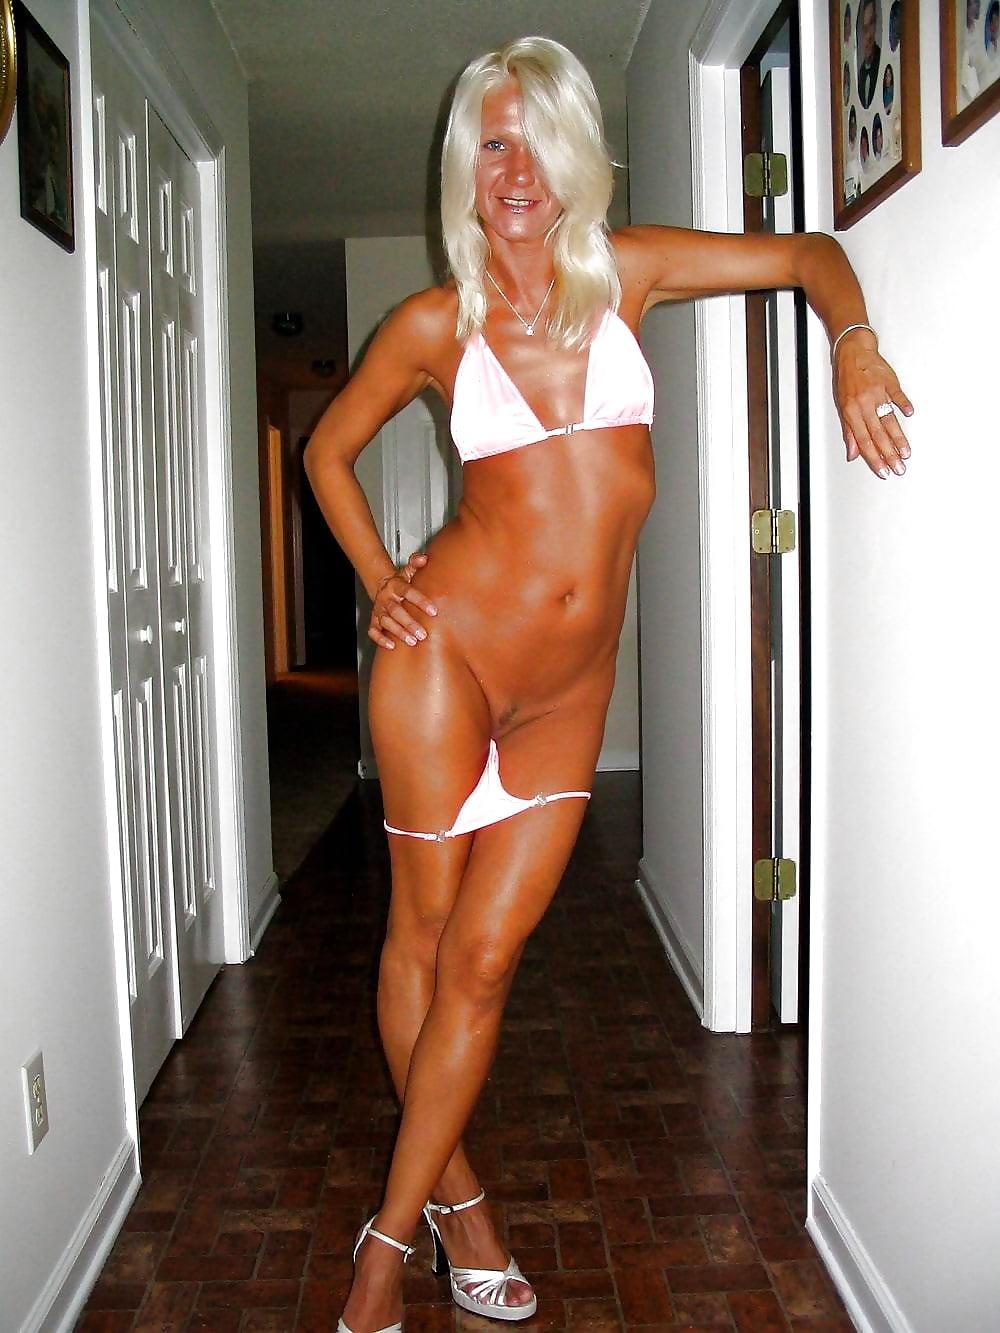 Granny, Mature, Nana So Hot In Bikini 5 - 23 Pics  Xhamster-5190